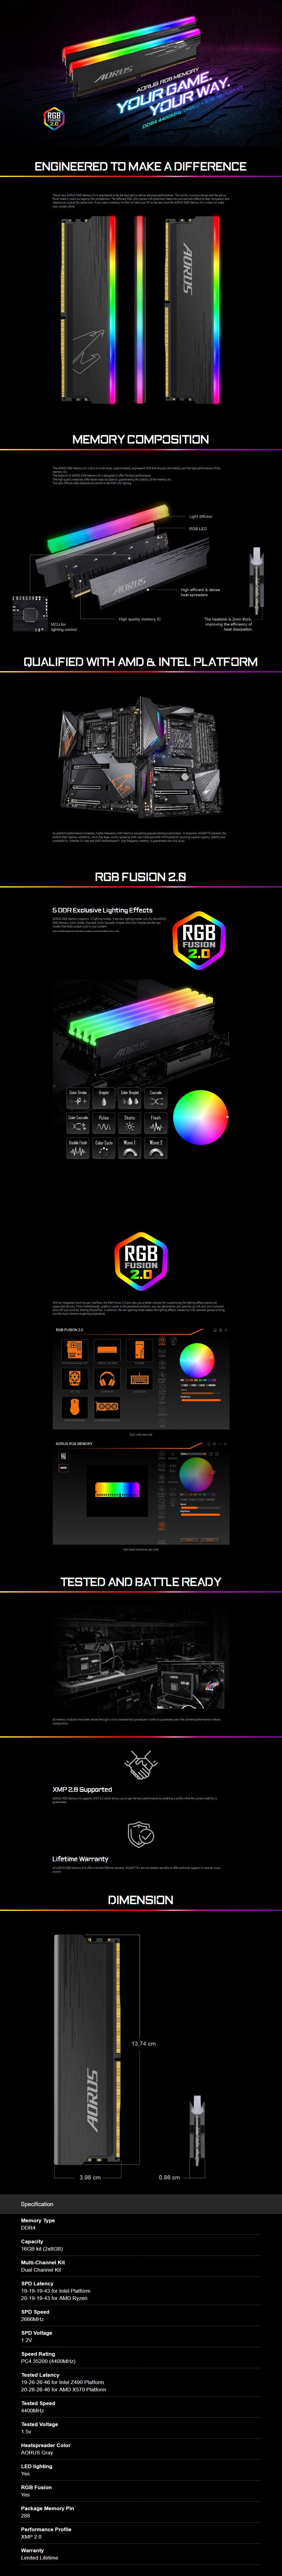 gigabyte-aorus-rgb-16gb-2x-8gb-ddr-4400mhz-memory-ac37919-6.jpg